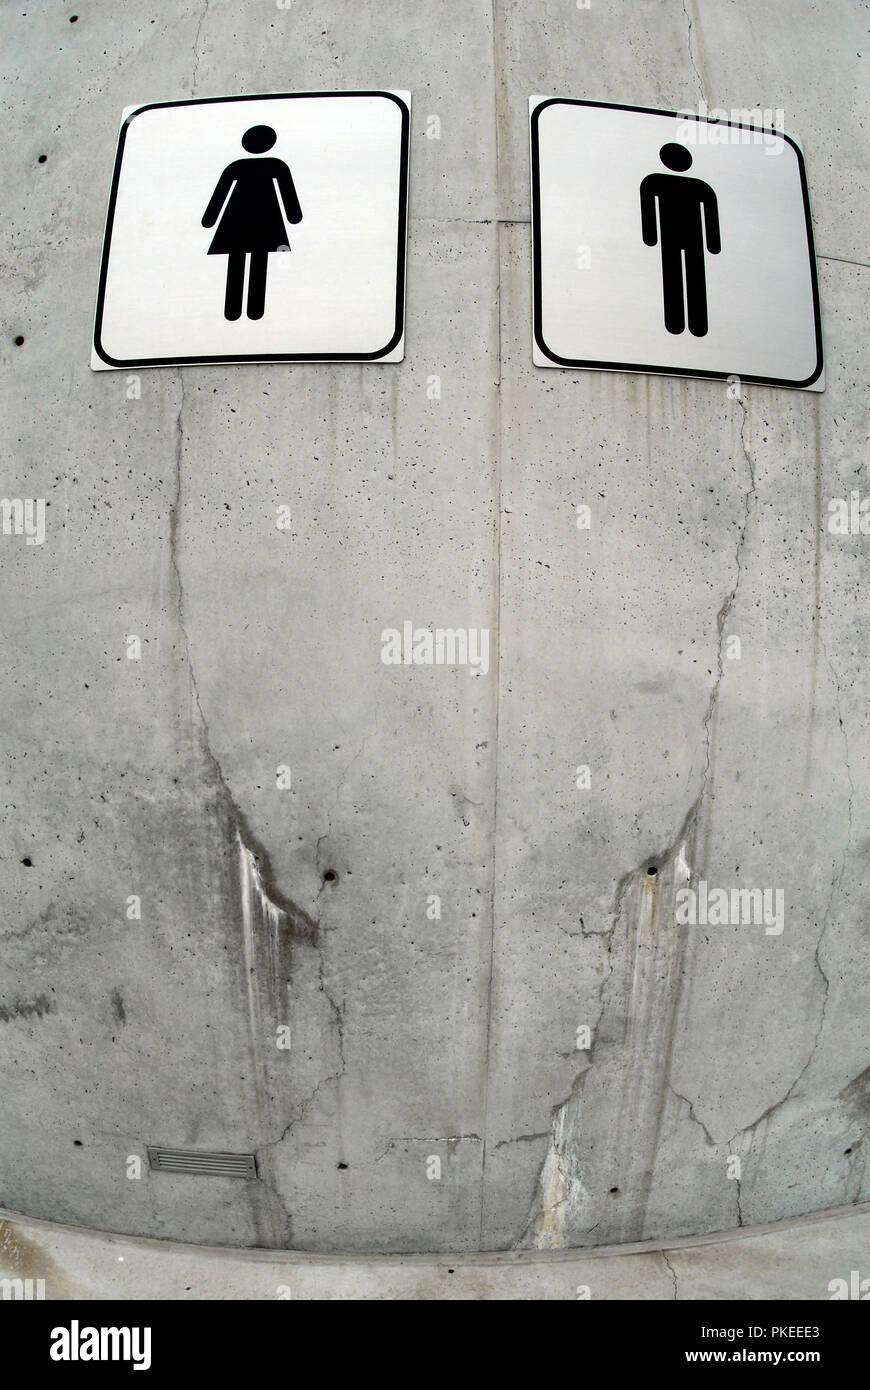 Símbolo do homem e da mulher na parede. Wc direcção assinar Foto ... 6298345e669